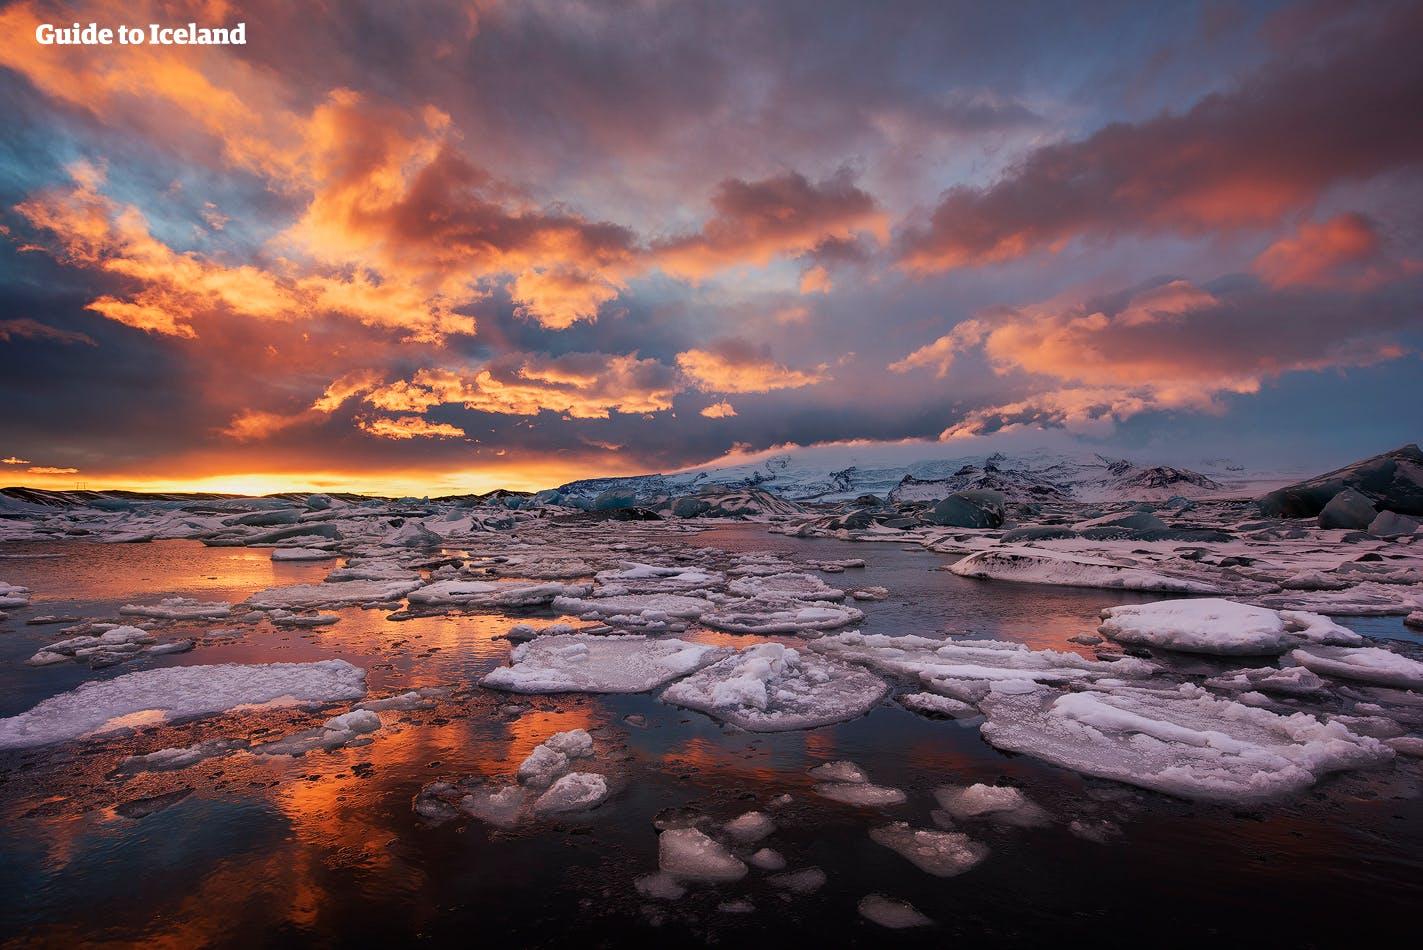 Die herrliche gefrorene Landschaft der Gletscherlagune Jökulsarlon in Südisland.